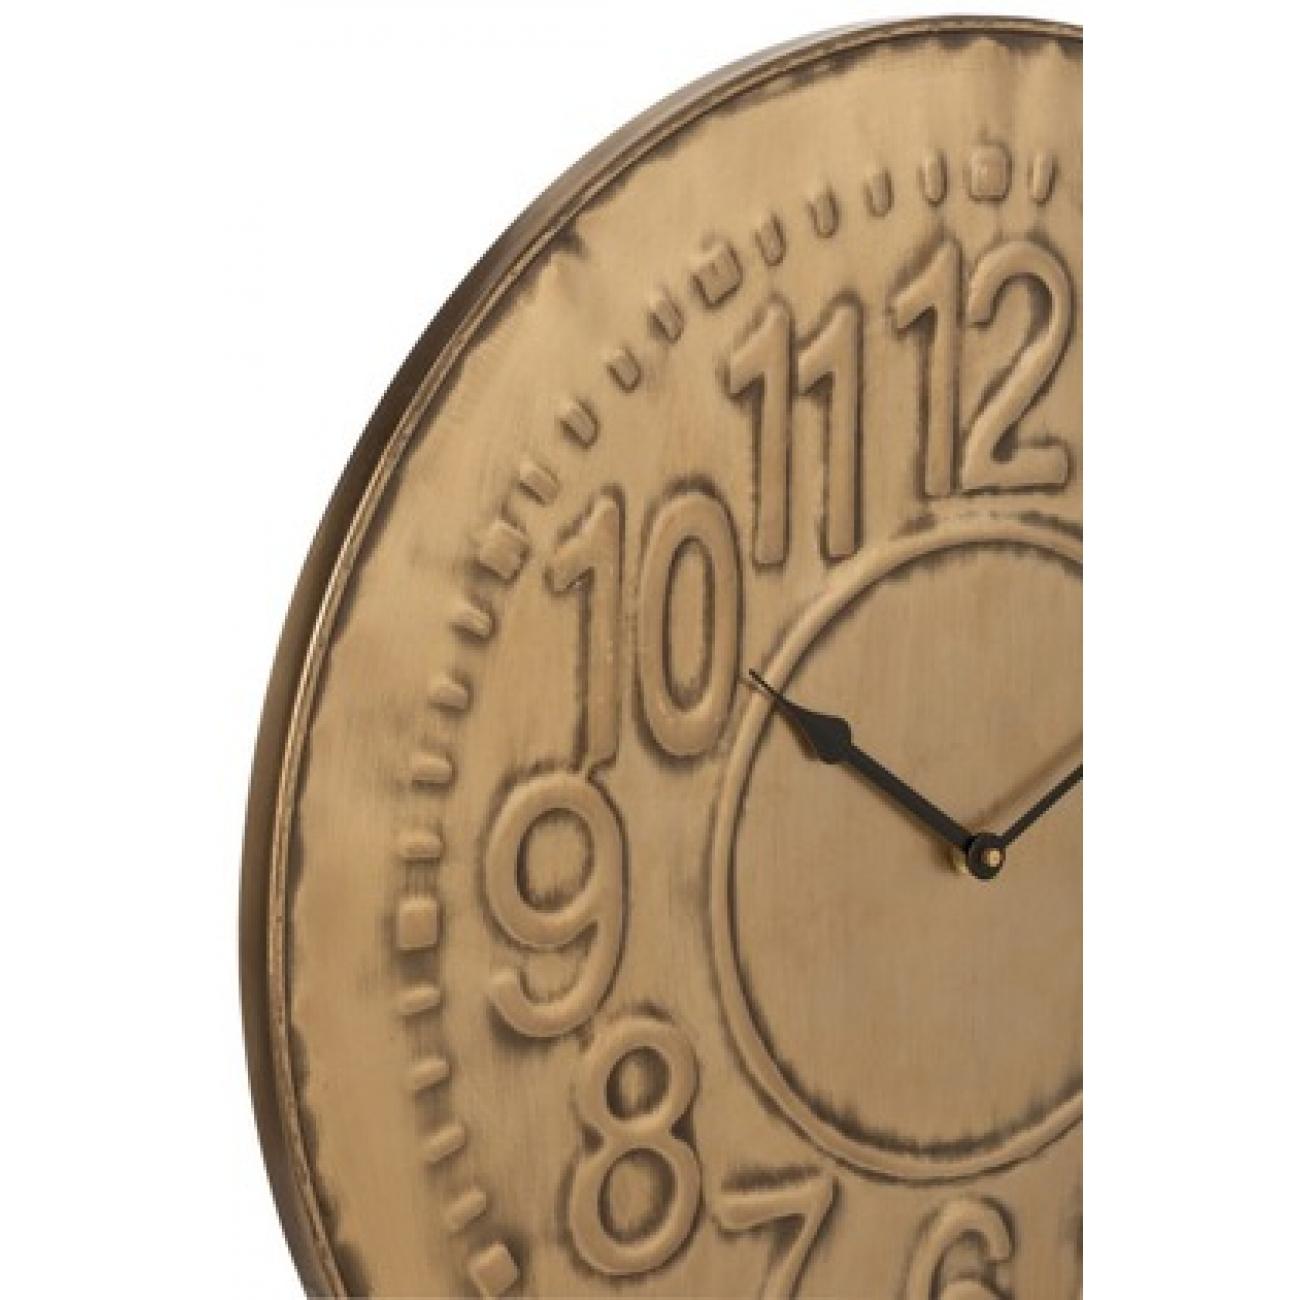 Настенные часы J-LINE круглые в стильном металлическом корпусе бронзового оттенка с арабскими цифрами диаметр 57 см